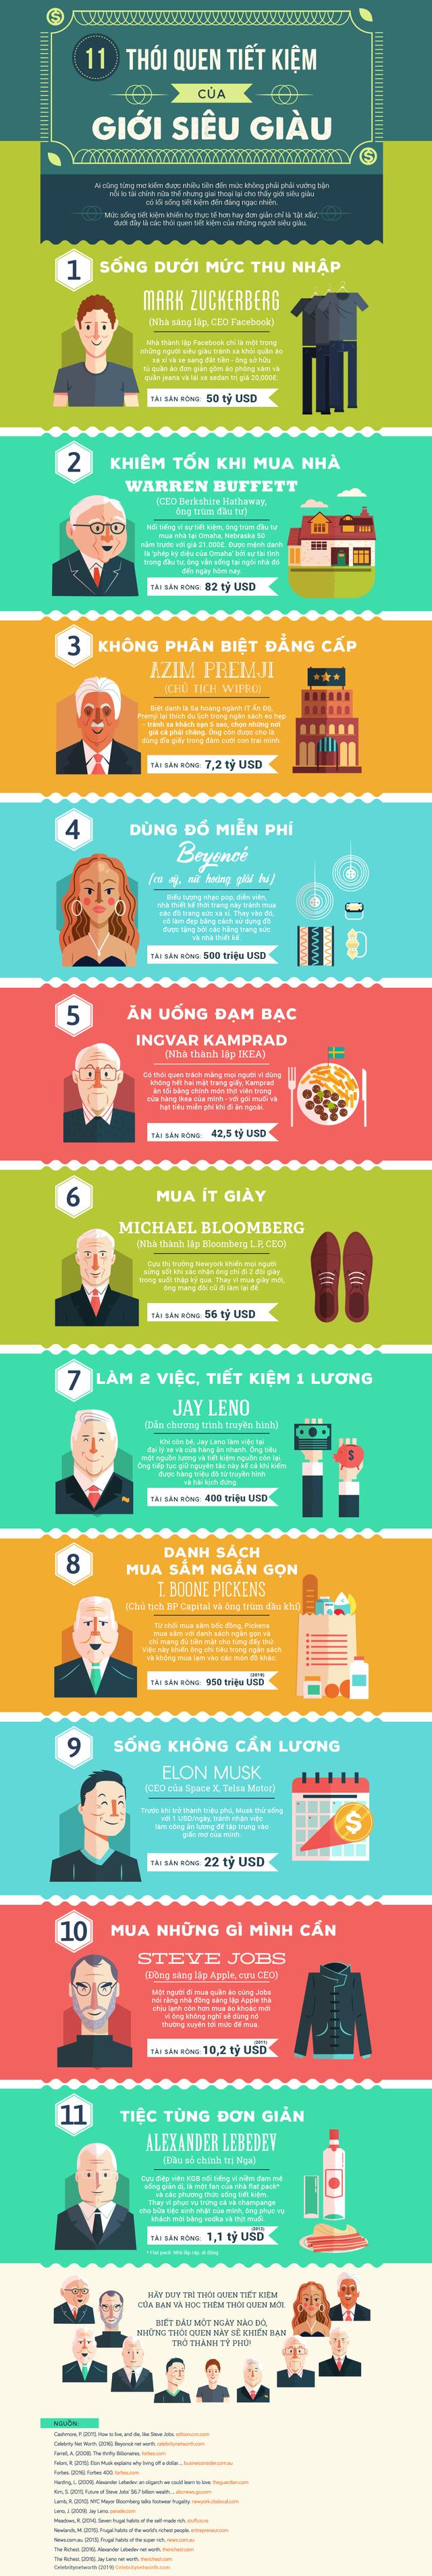 11 thói quen tiết kiệm của giới siêu giàu ai cũng có thể học được - Ảnh 1.